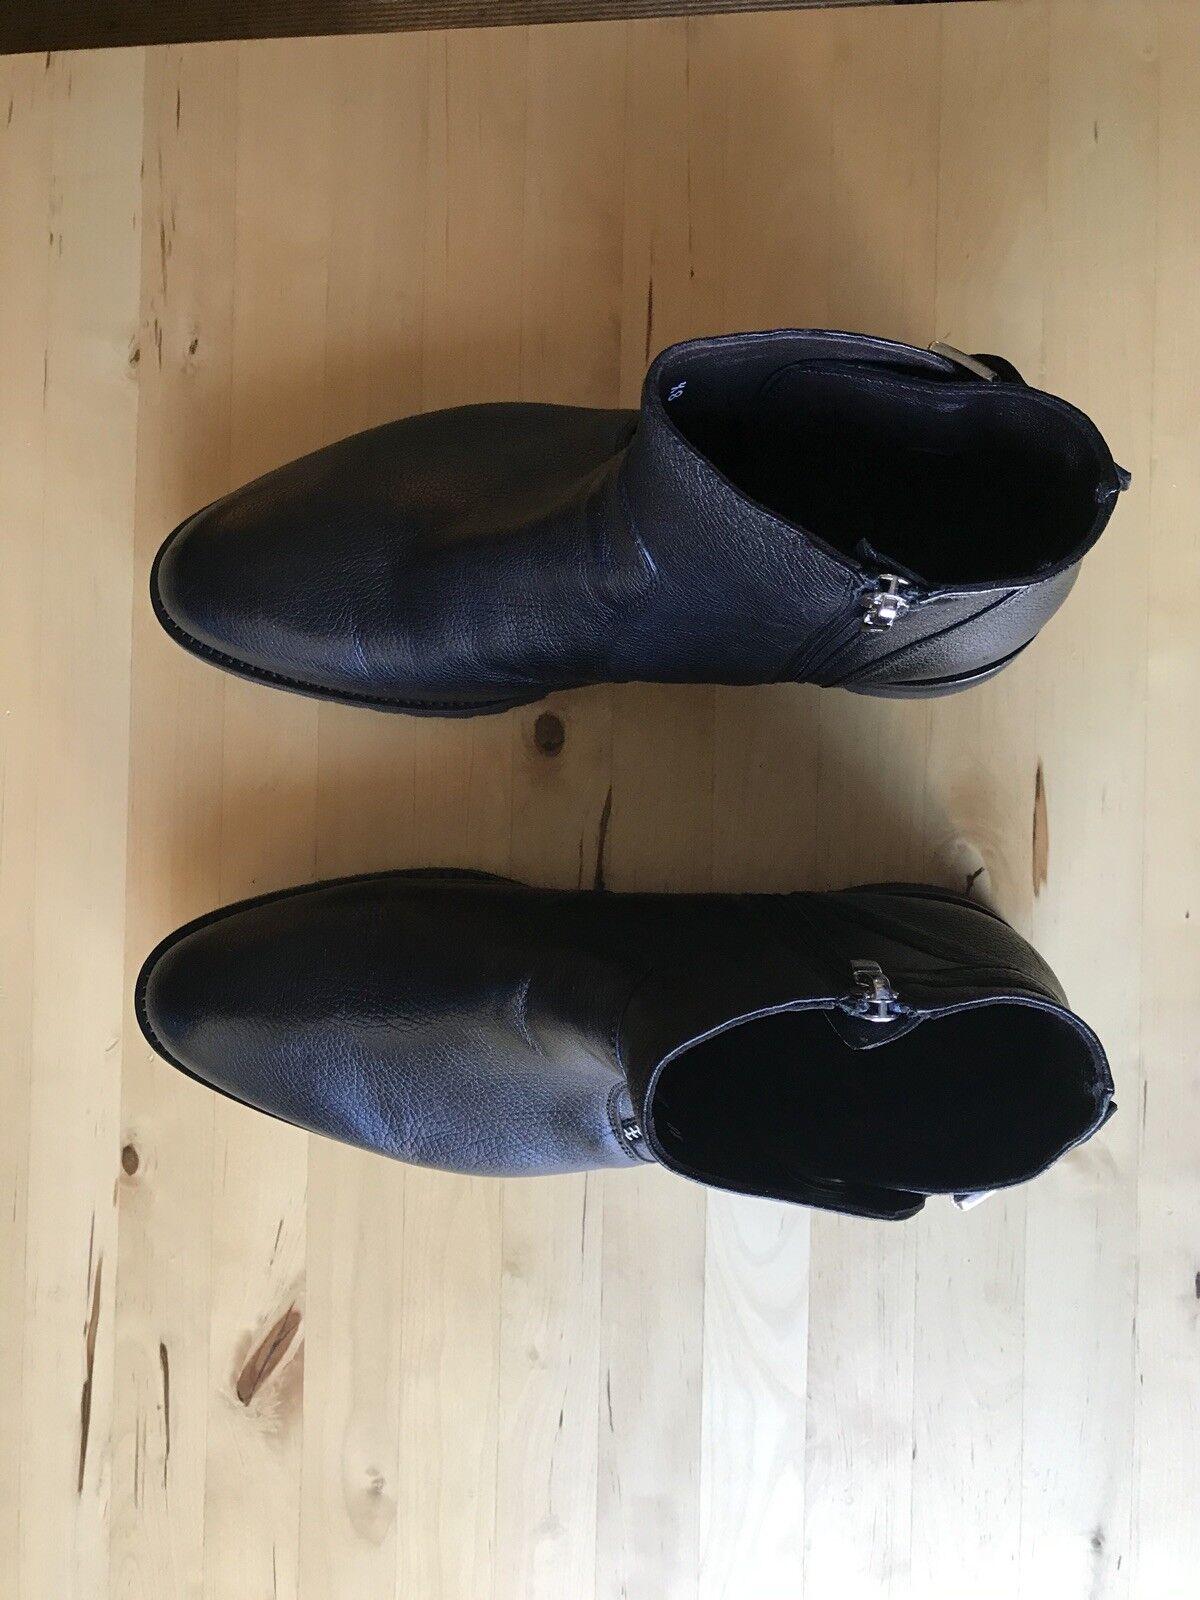 Cesare paciotti mens nero Leather stivali US Dimensione 9.5 original  550